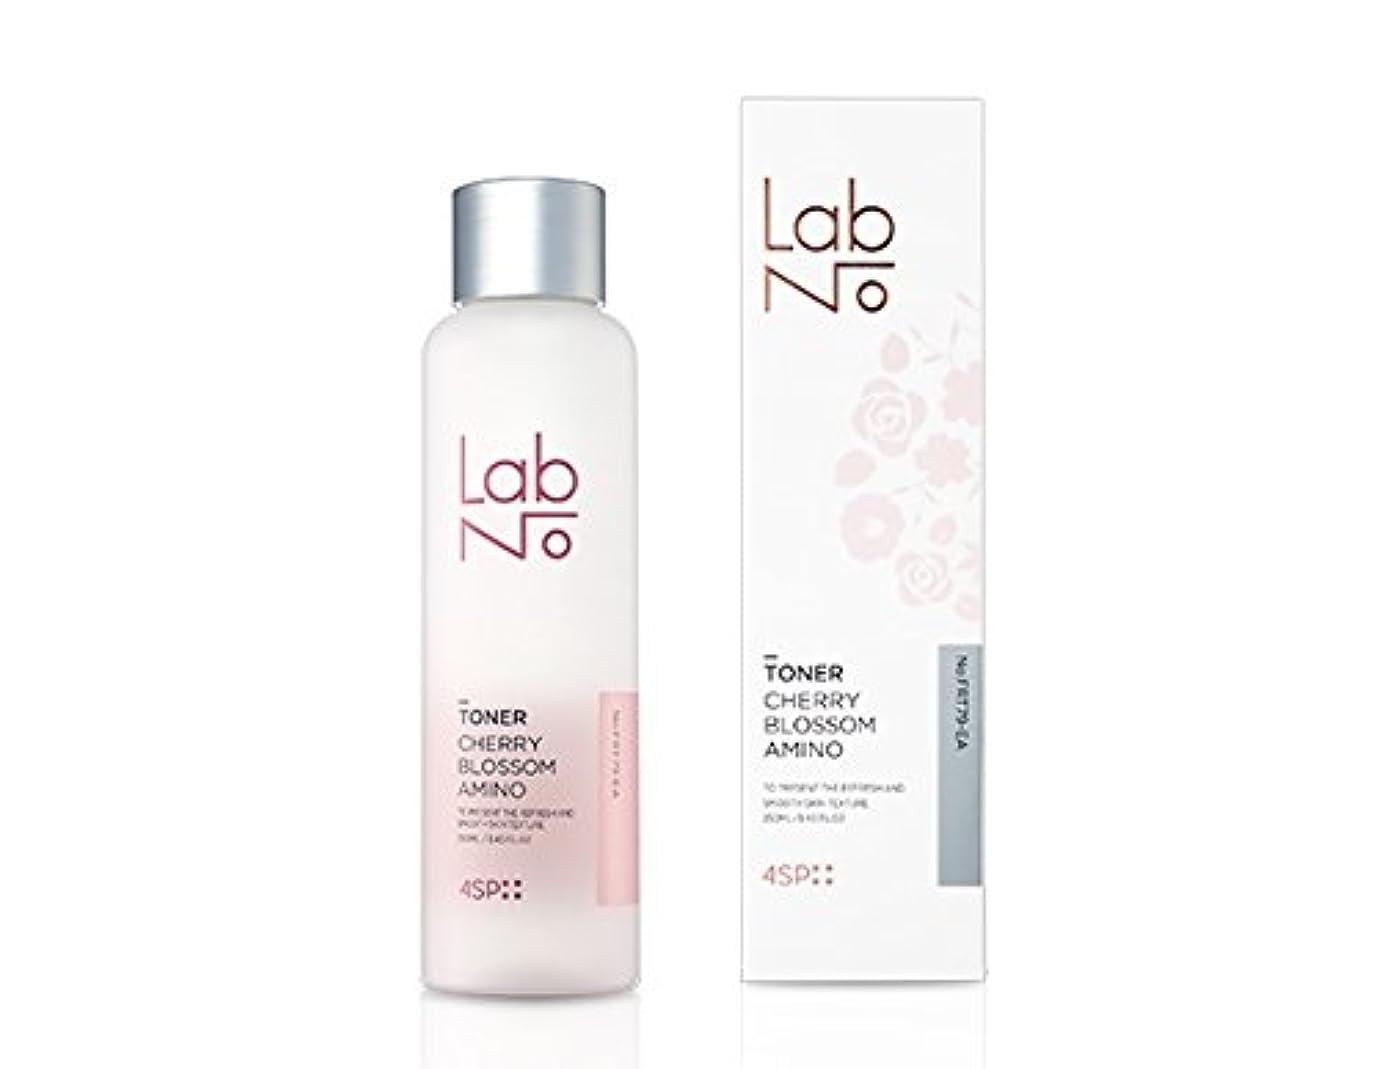 スーパー味わう発送[LabNo.]4SP チェリ ブロッサム アミノ トナー/4SP Cherry Blossom Amino Toner (250ml) [並行輸入品]